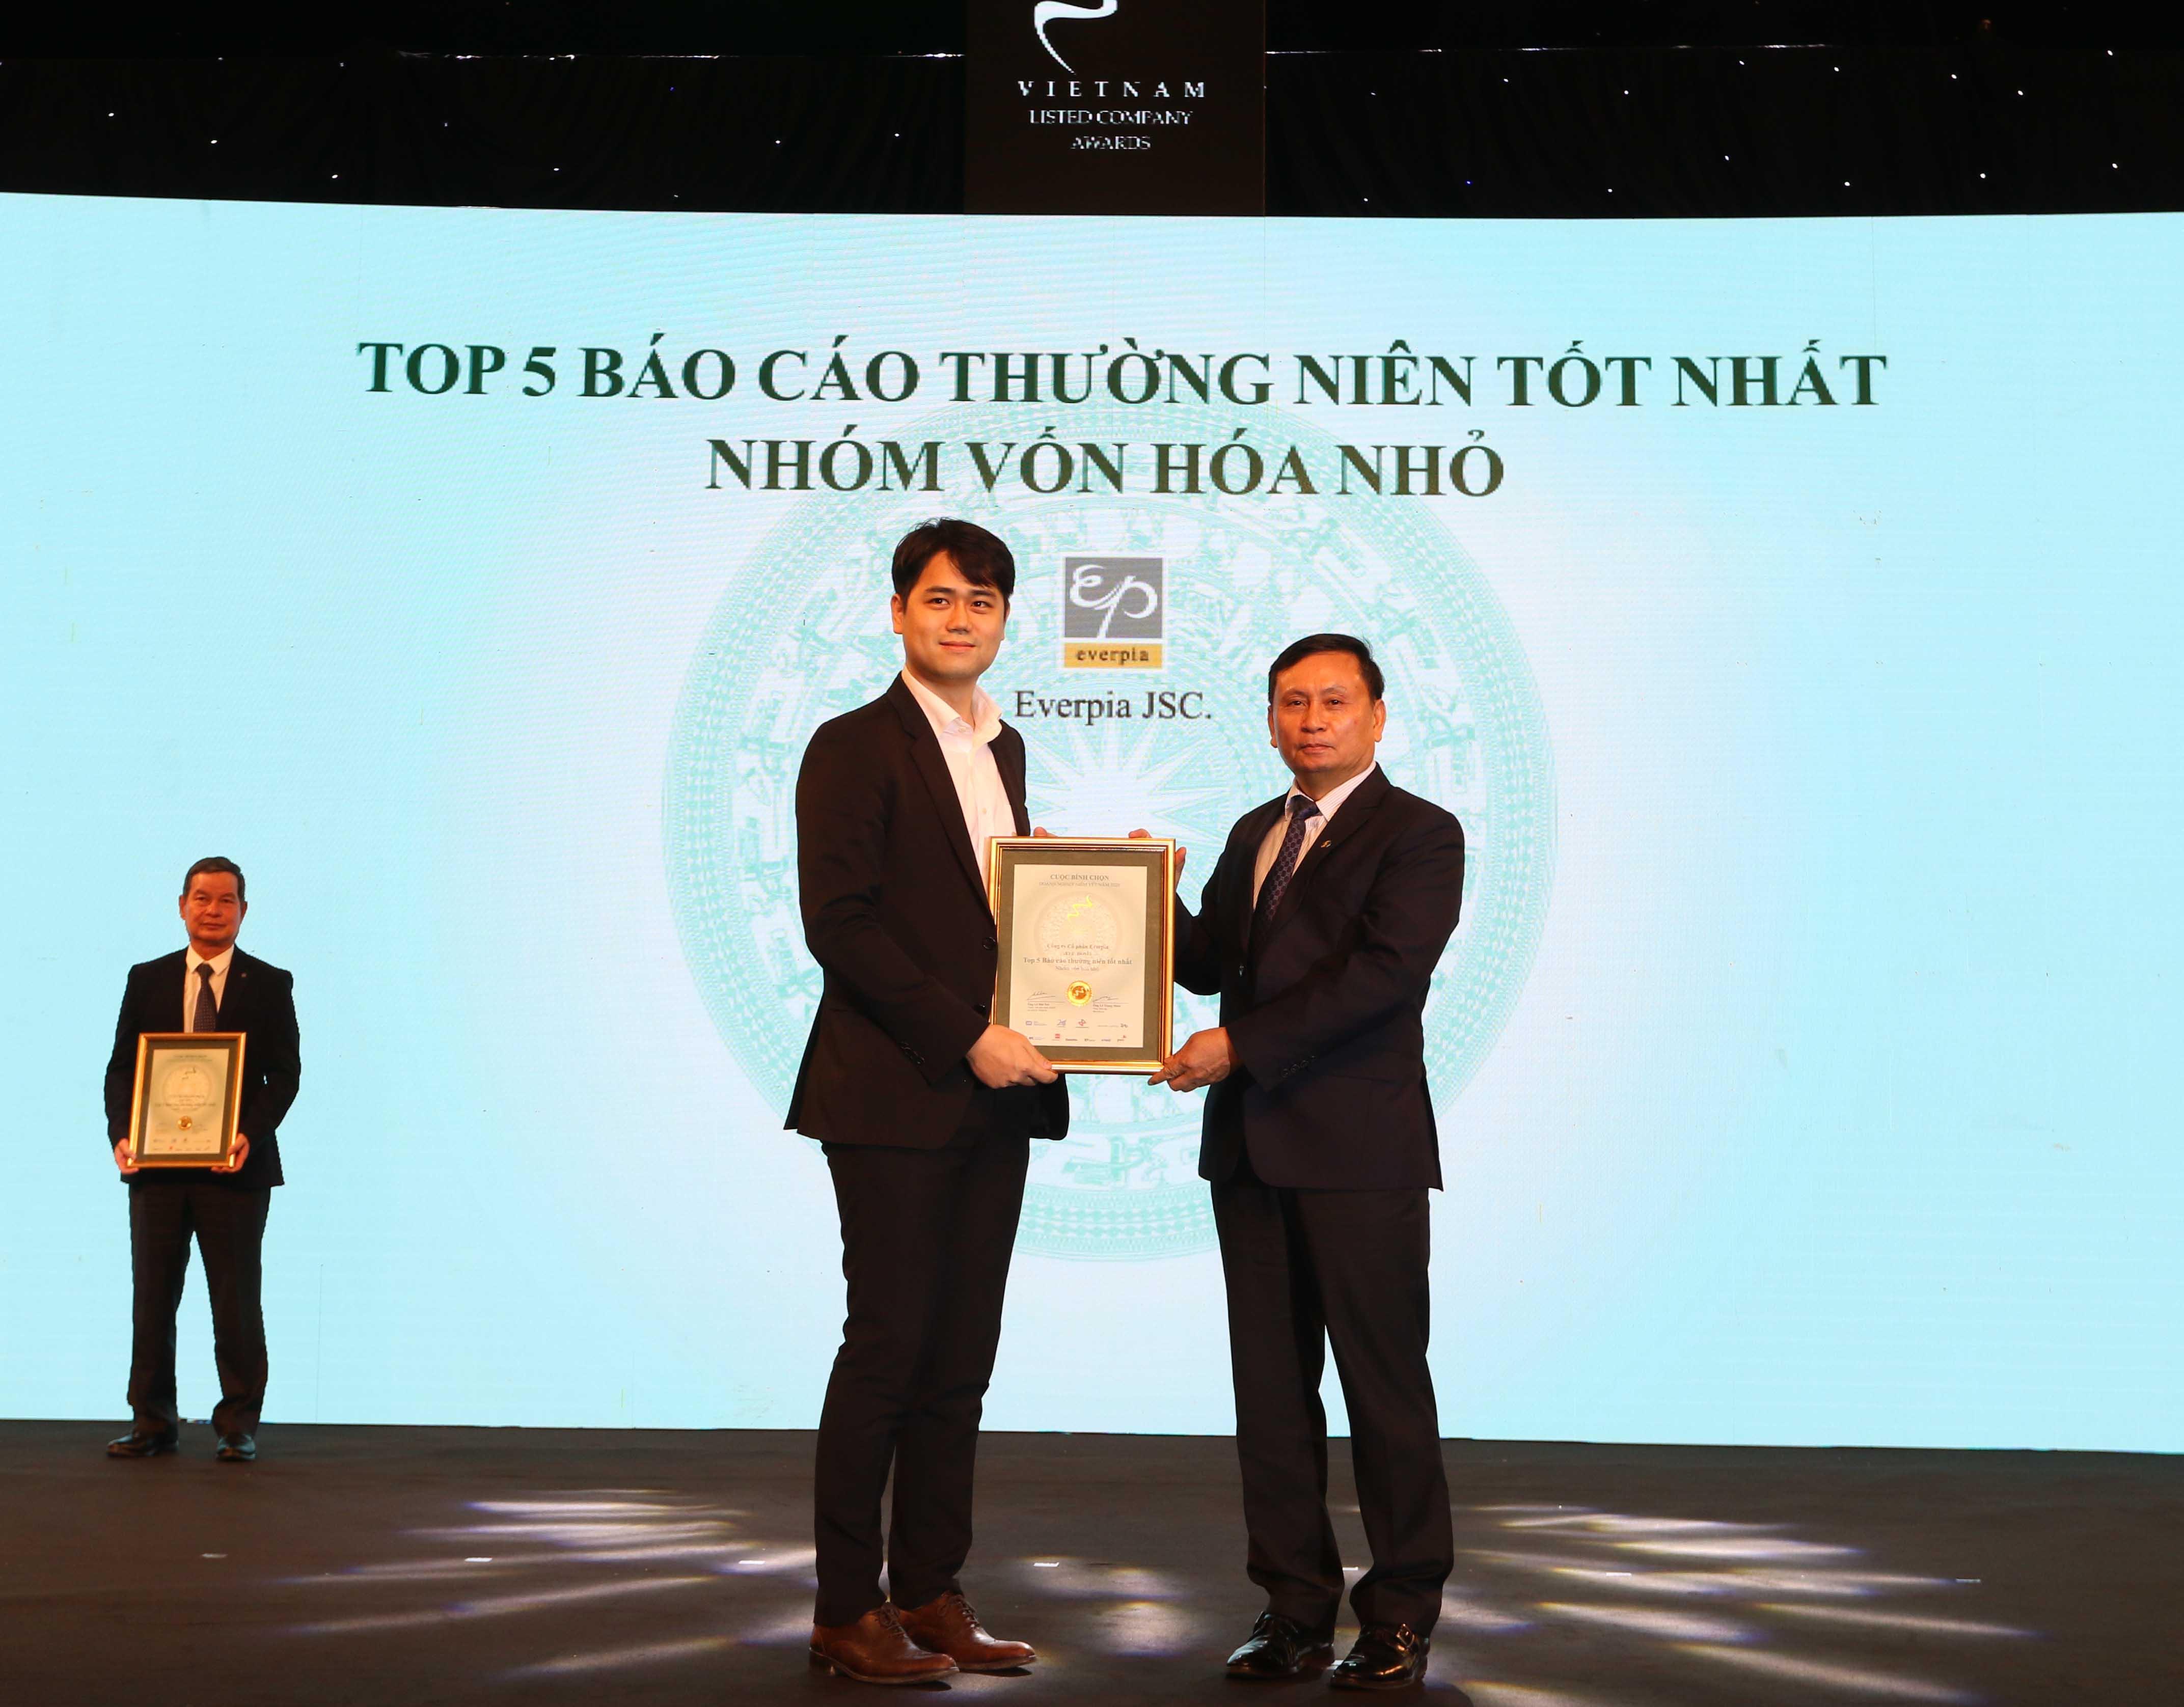 https://www.aravietnam.vn/wp-content/uploads/2020/12/13_Dại-diện-CTCP-Everpia-TOP-5-nhóm-vốn-hóa-nhỏ-có-BCTN-tốt-nhất..jpg